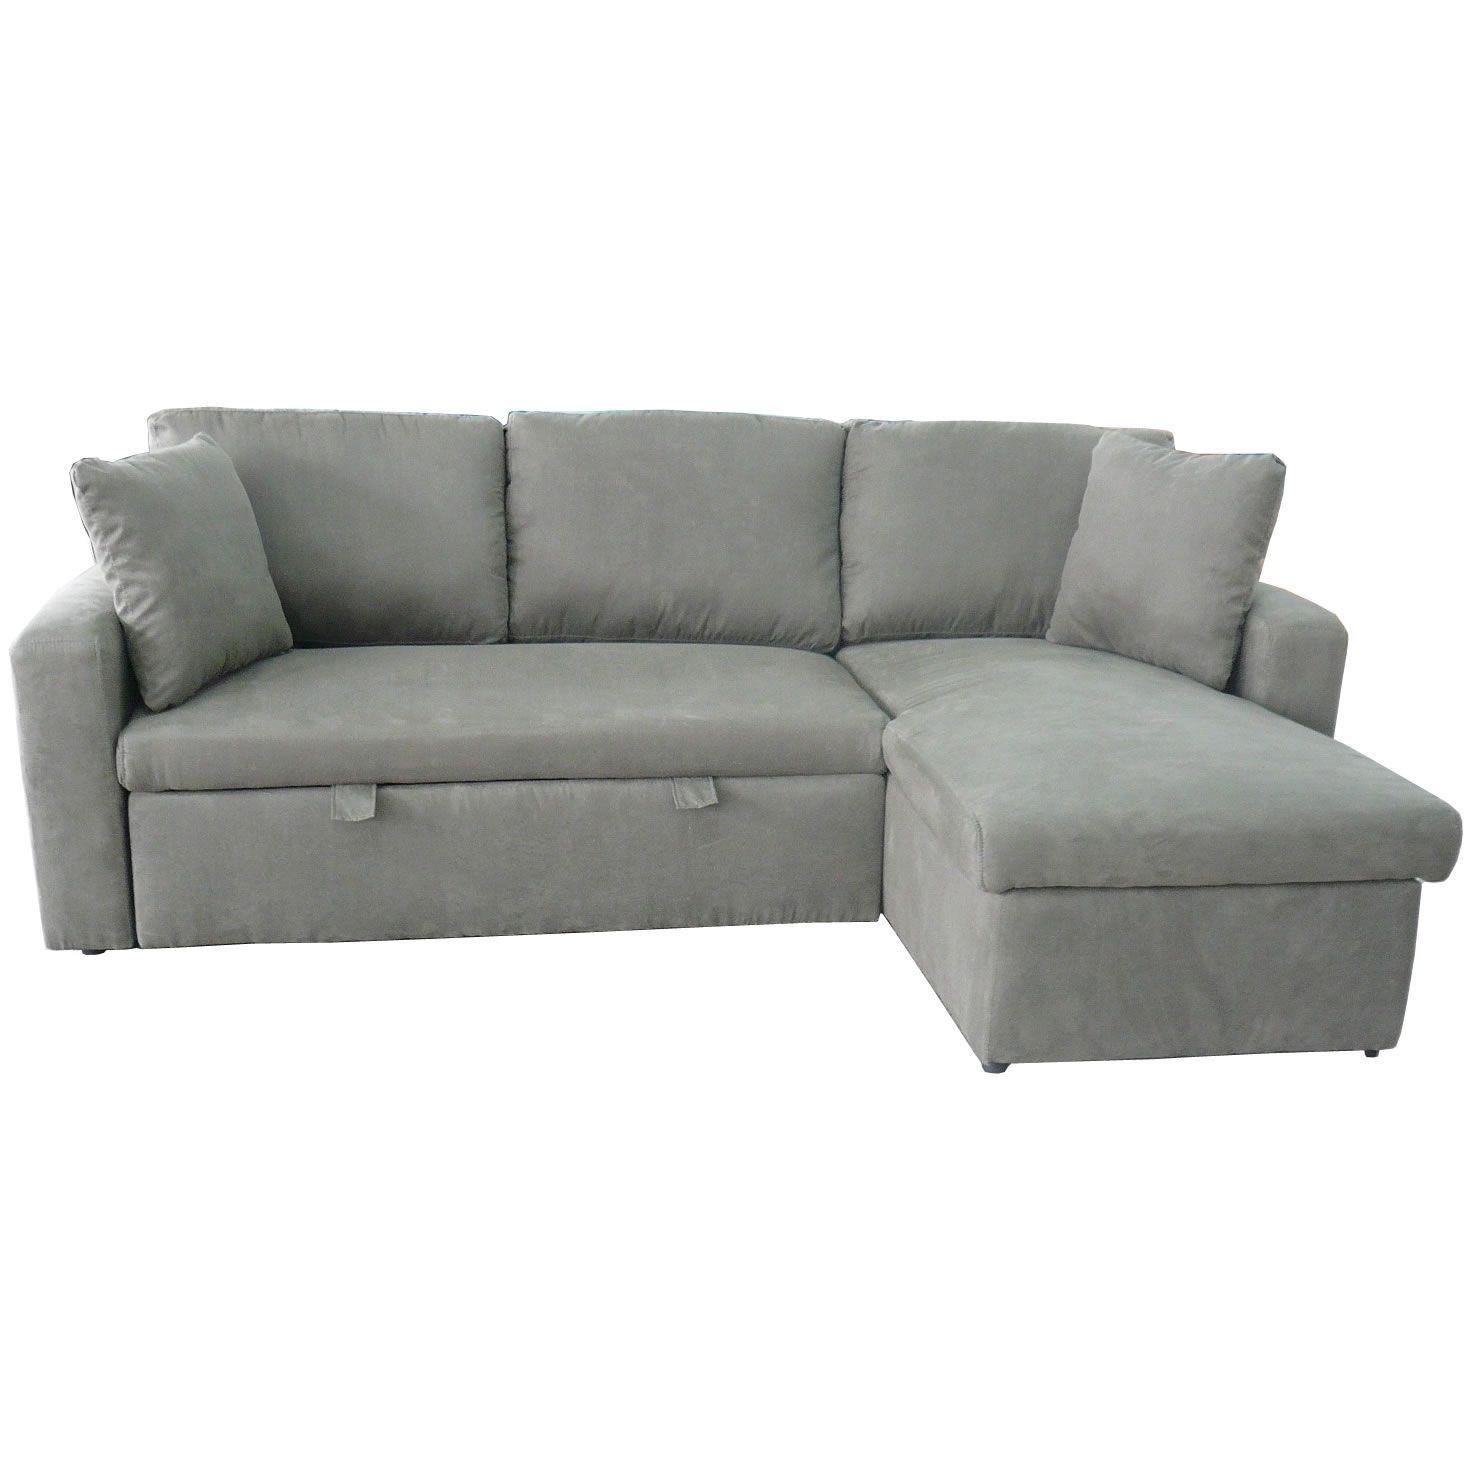 Einzigartig Zweisitzer Sofa Das Beste Von Fabelhaft Schönes Betten - Schreibtisch Und Sofas: